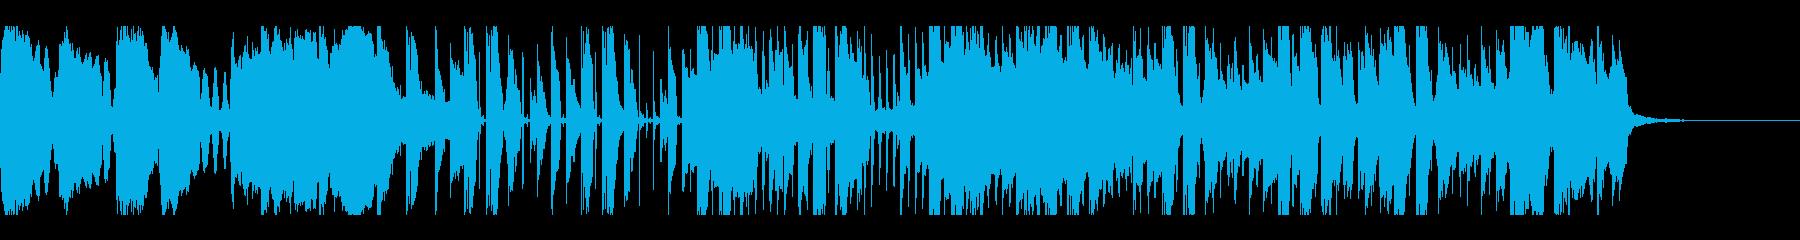 コミカルなシンセリズムテクノの再生済みの波形